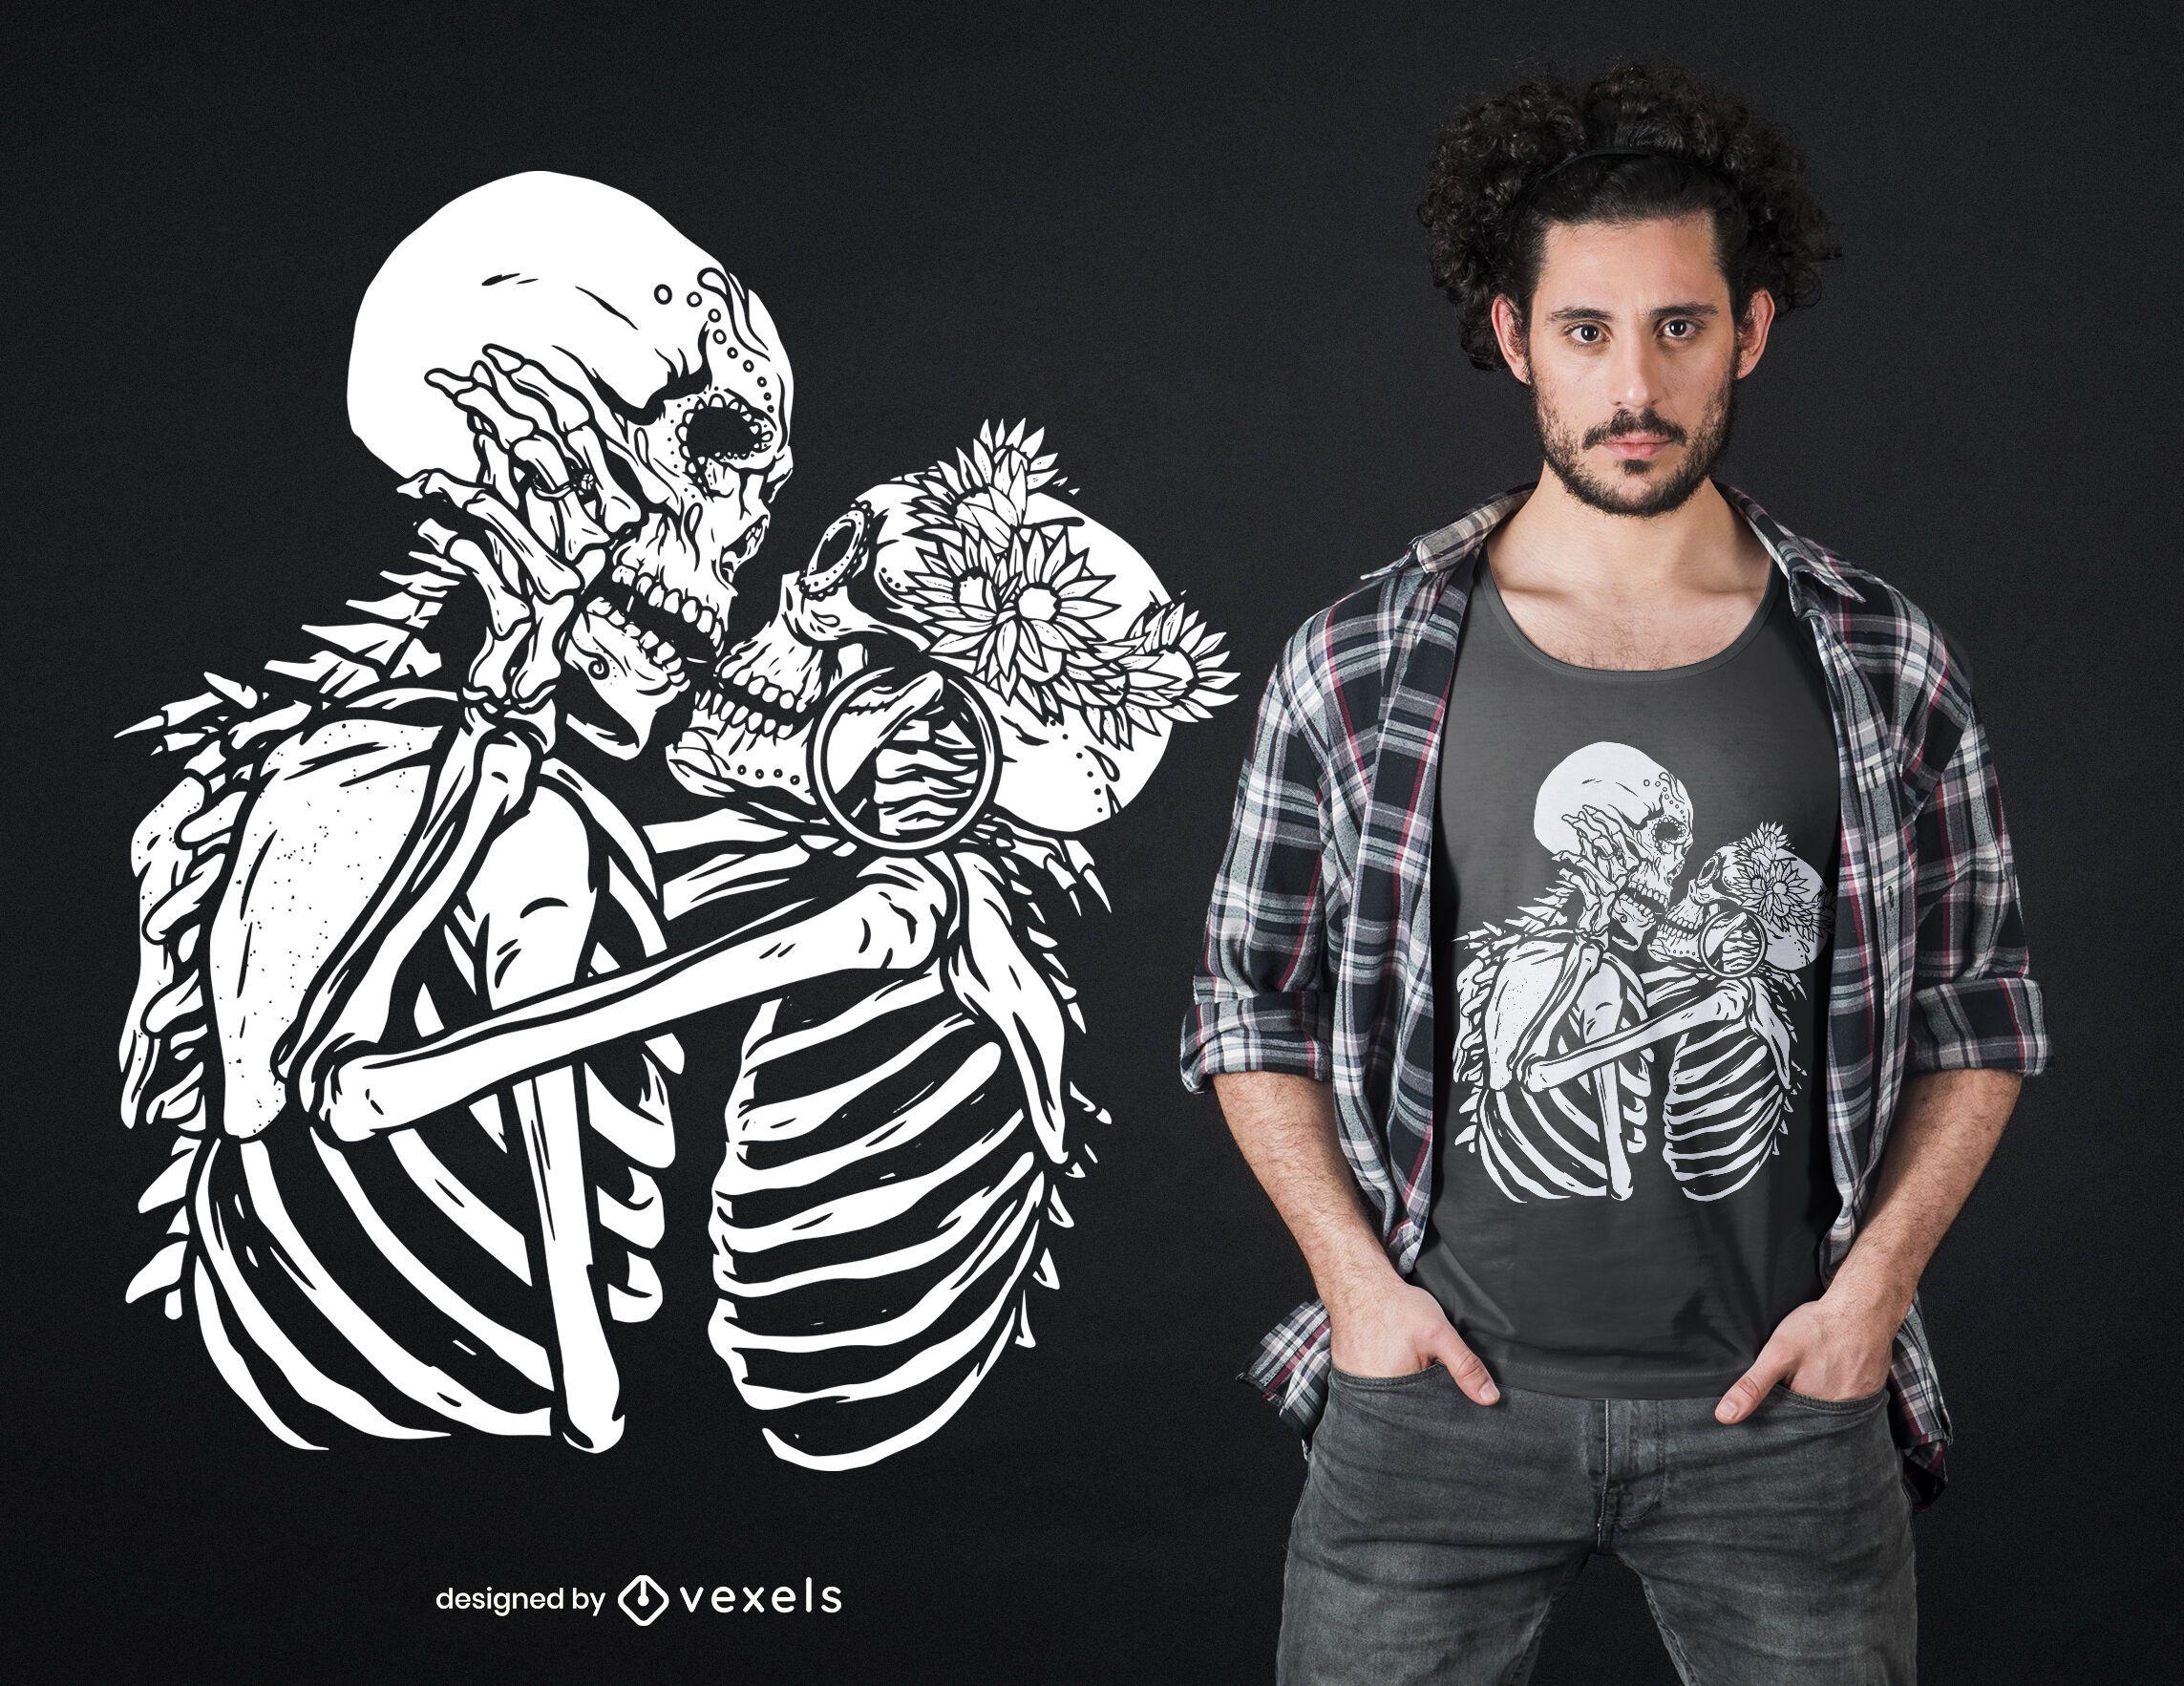 Dise?o de camiseta de besos esqueletos